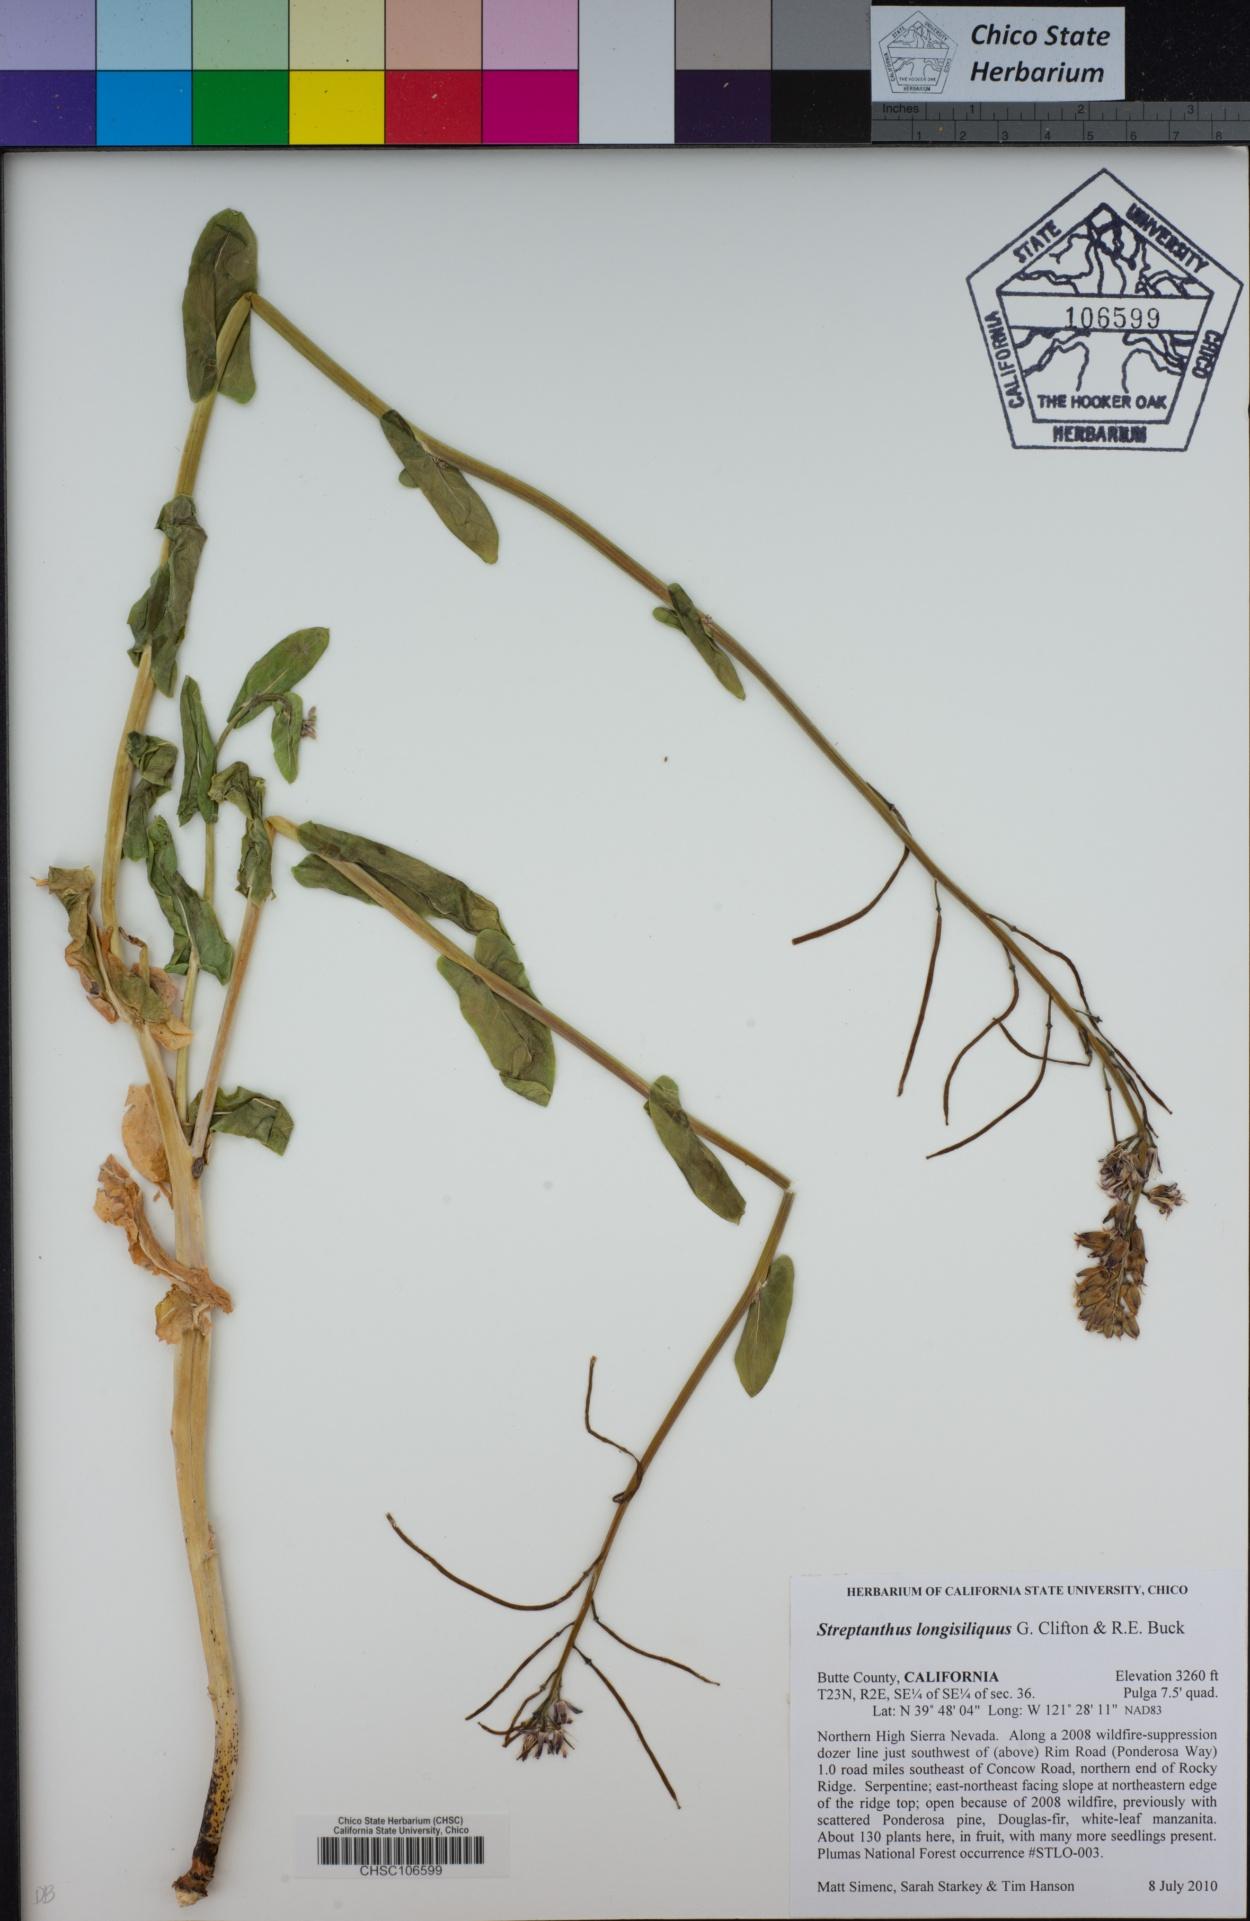 Streptanthus longisiliquus image